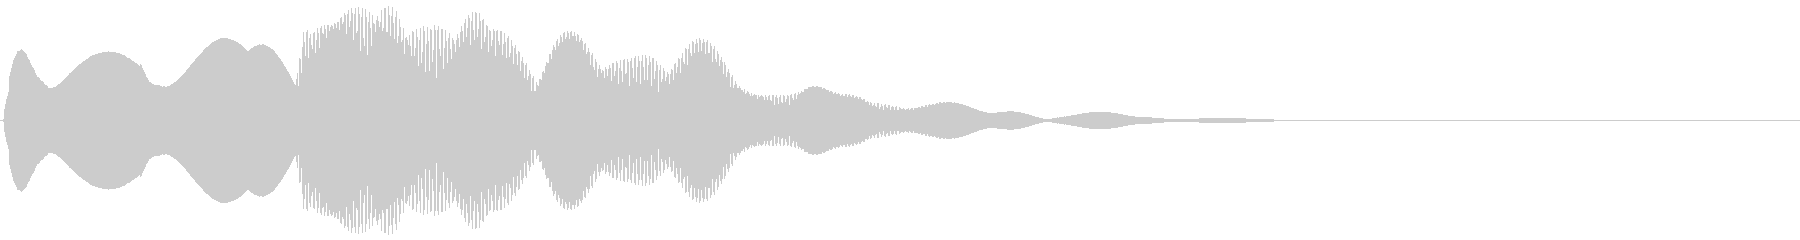 エレベーター下降風の到着音(ピンポーン)の未再生の波形